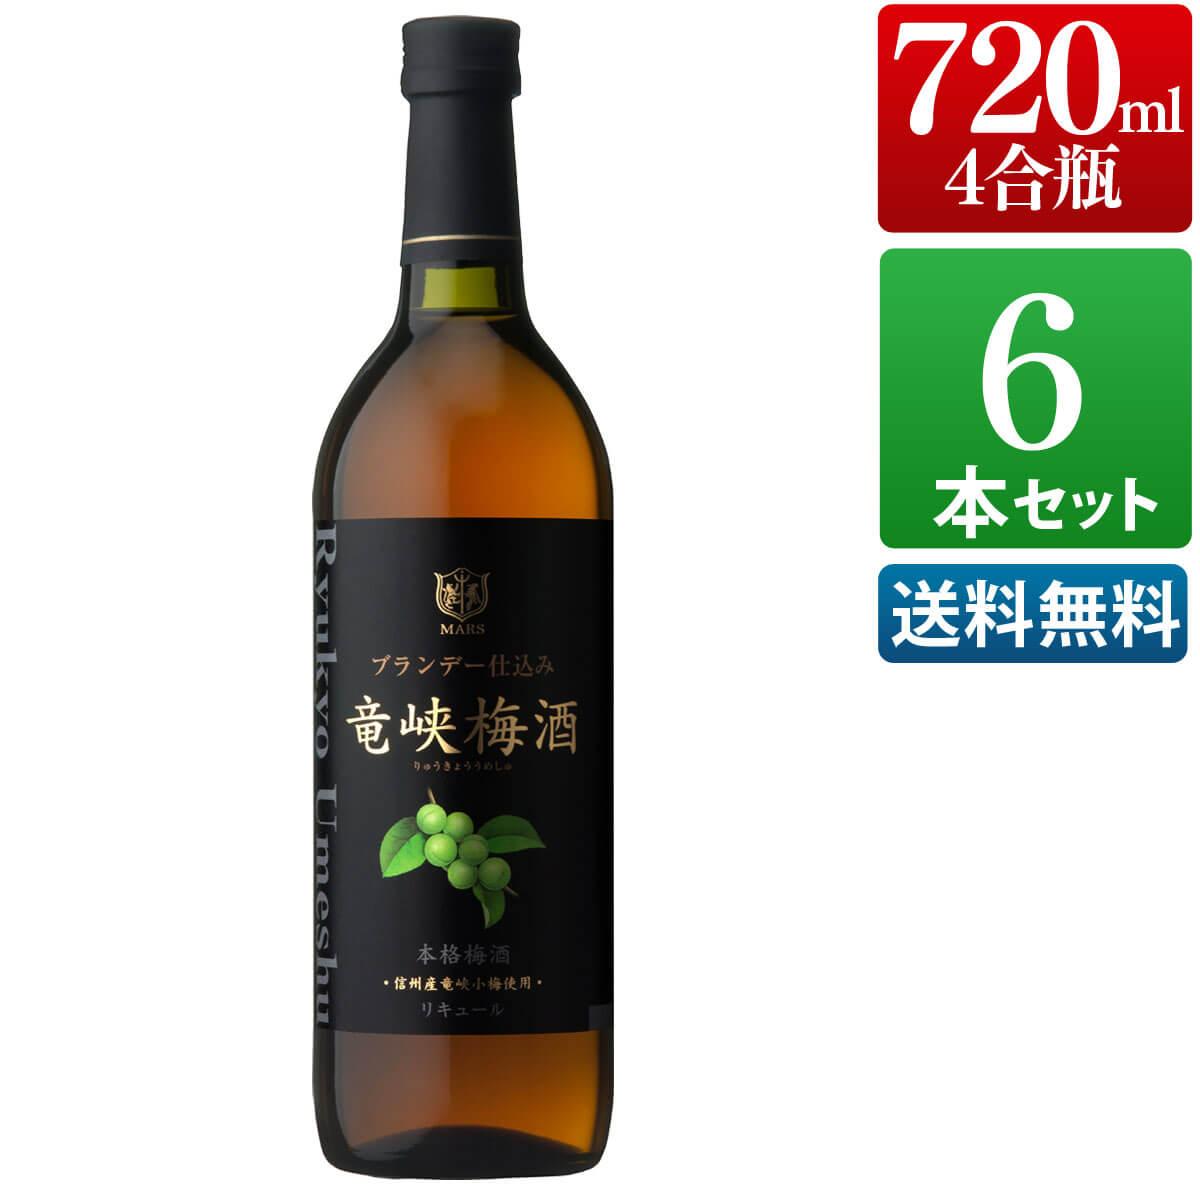 本格梅酒 6本セット 竜峡梅酒 14度 720ml [ 本坊酒造 梅酒 / 送料無料 ]